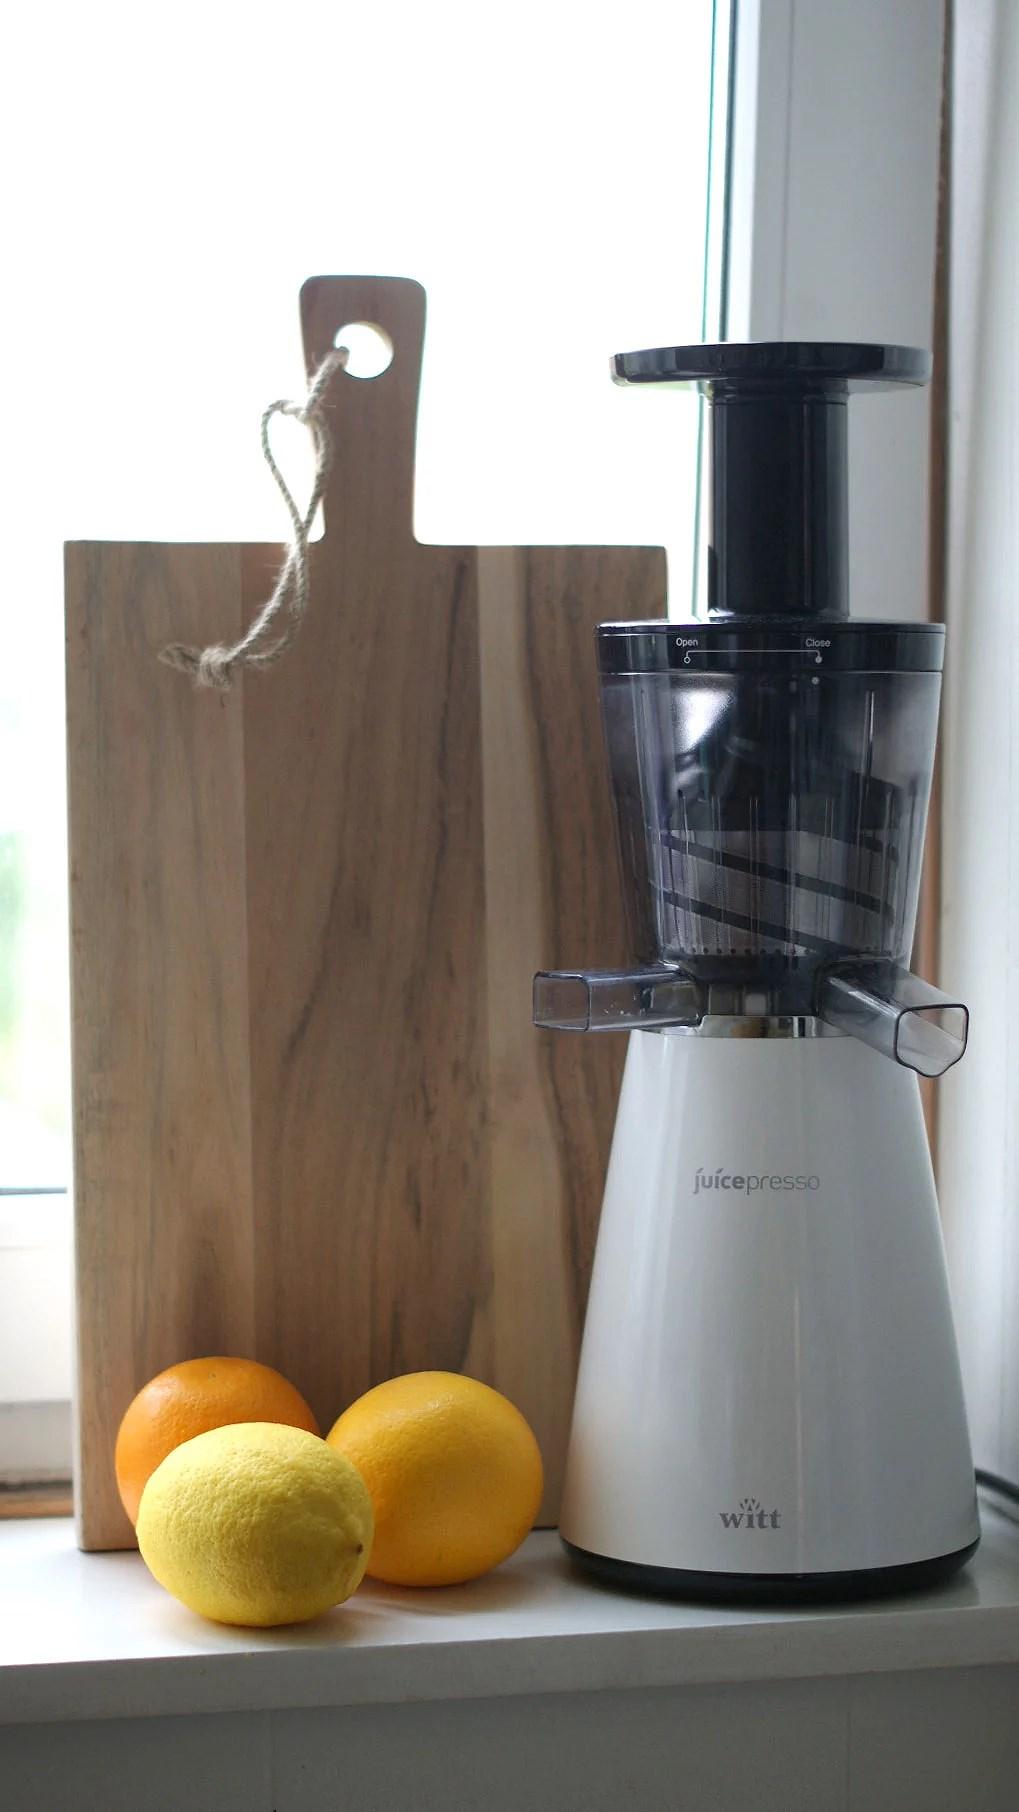 Juicepresso-test-juice